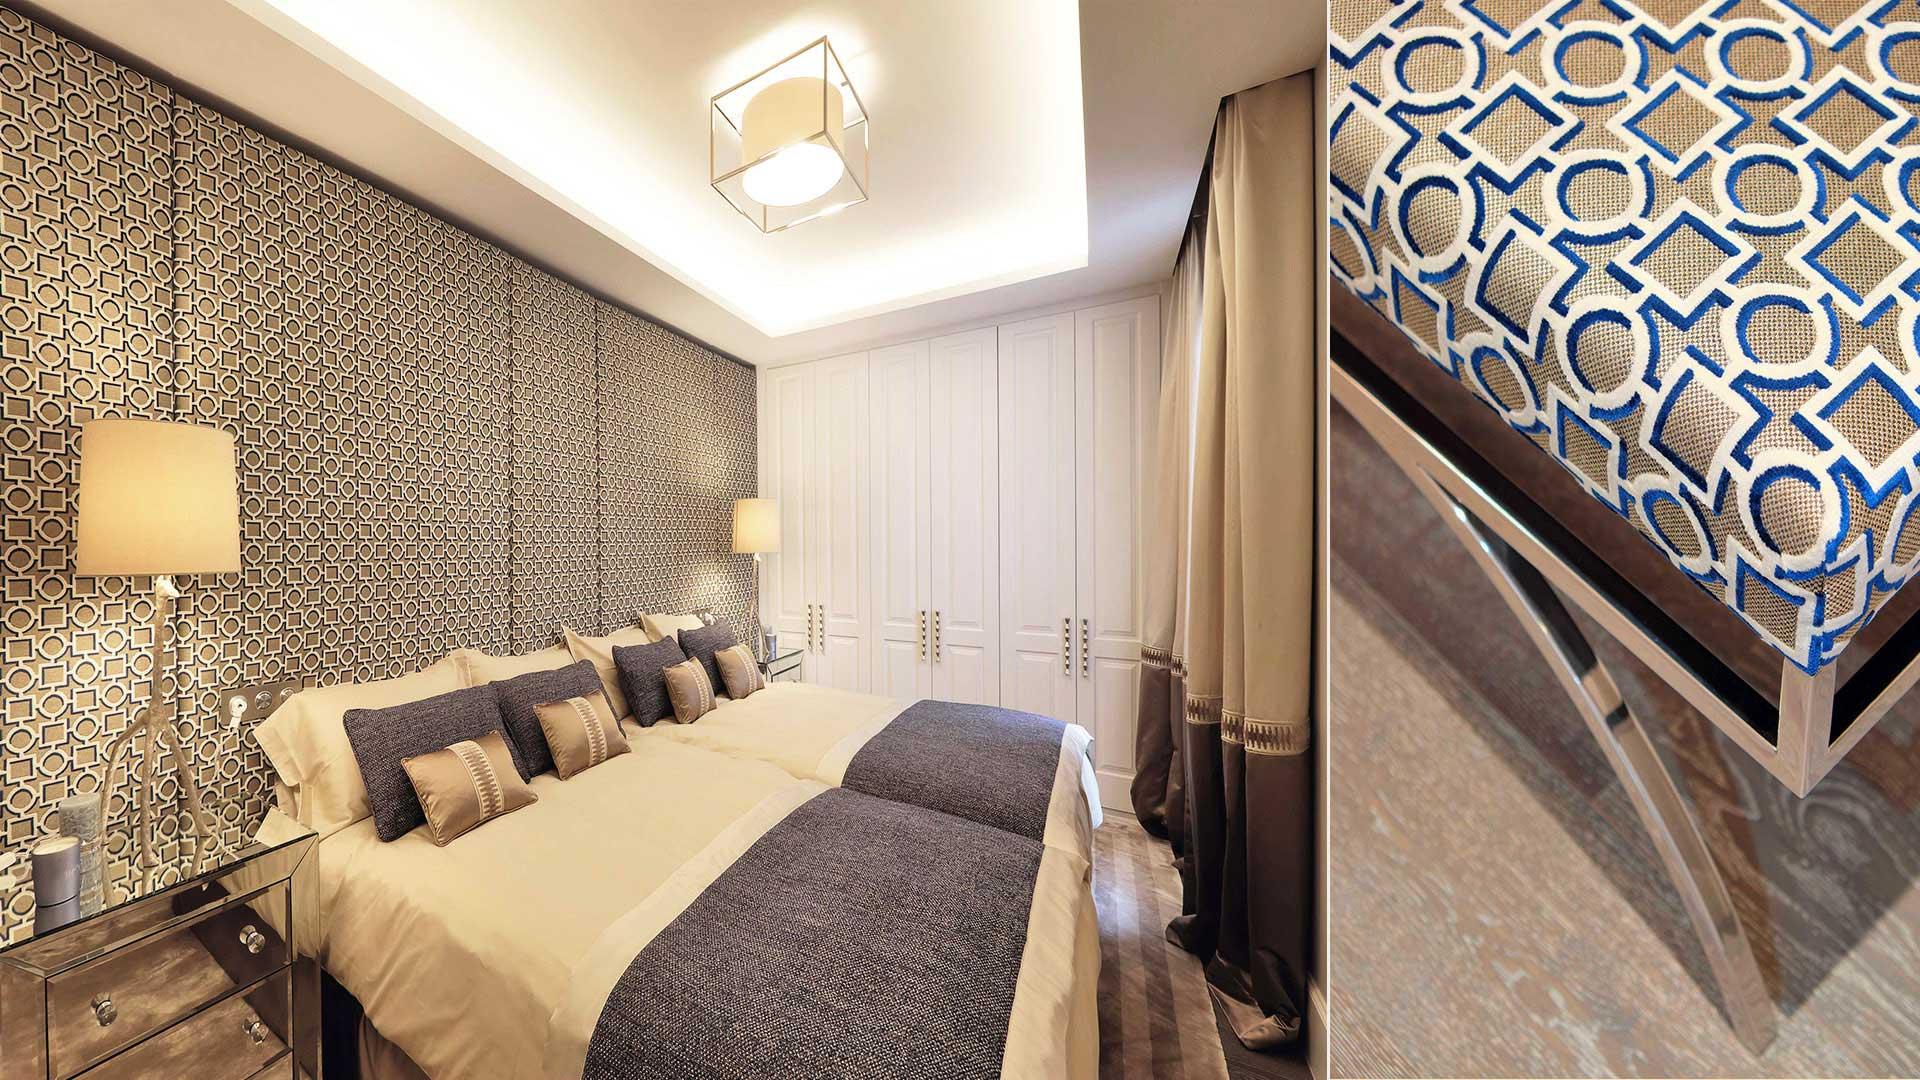 MADRID-RESIDENTIAL-APARTMENT-09-Dome-interior-design-Geneve-Suisse